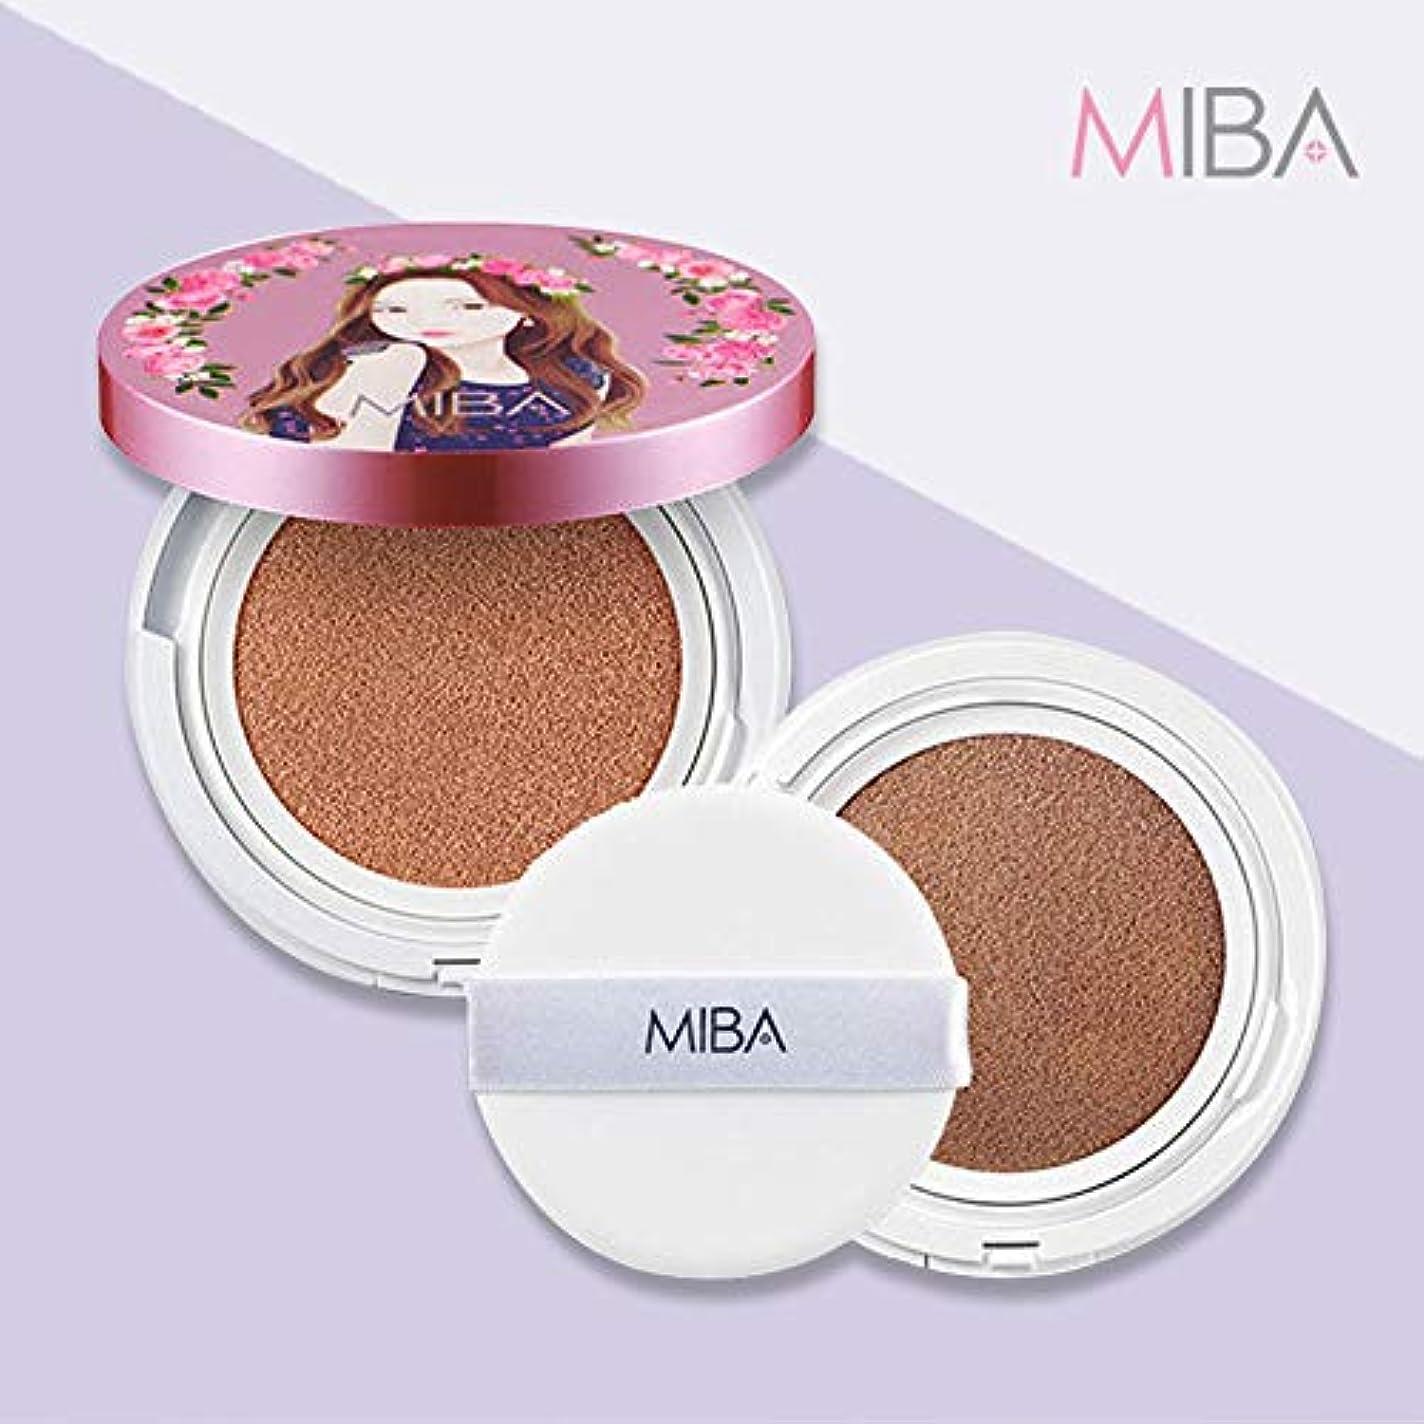 木曜日やさしいコショウ【mineralbio】 MIBA ミバ イオンカルシウム ミネラルファンデーション ダブルクッション 本品+リフィル+パフ2枚 SPF50+/PA++++ 普通肌用 (Ion Calcium Foundation Double Cushion set 24g #23 Natural skin)